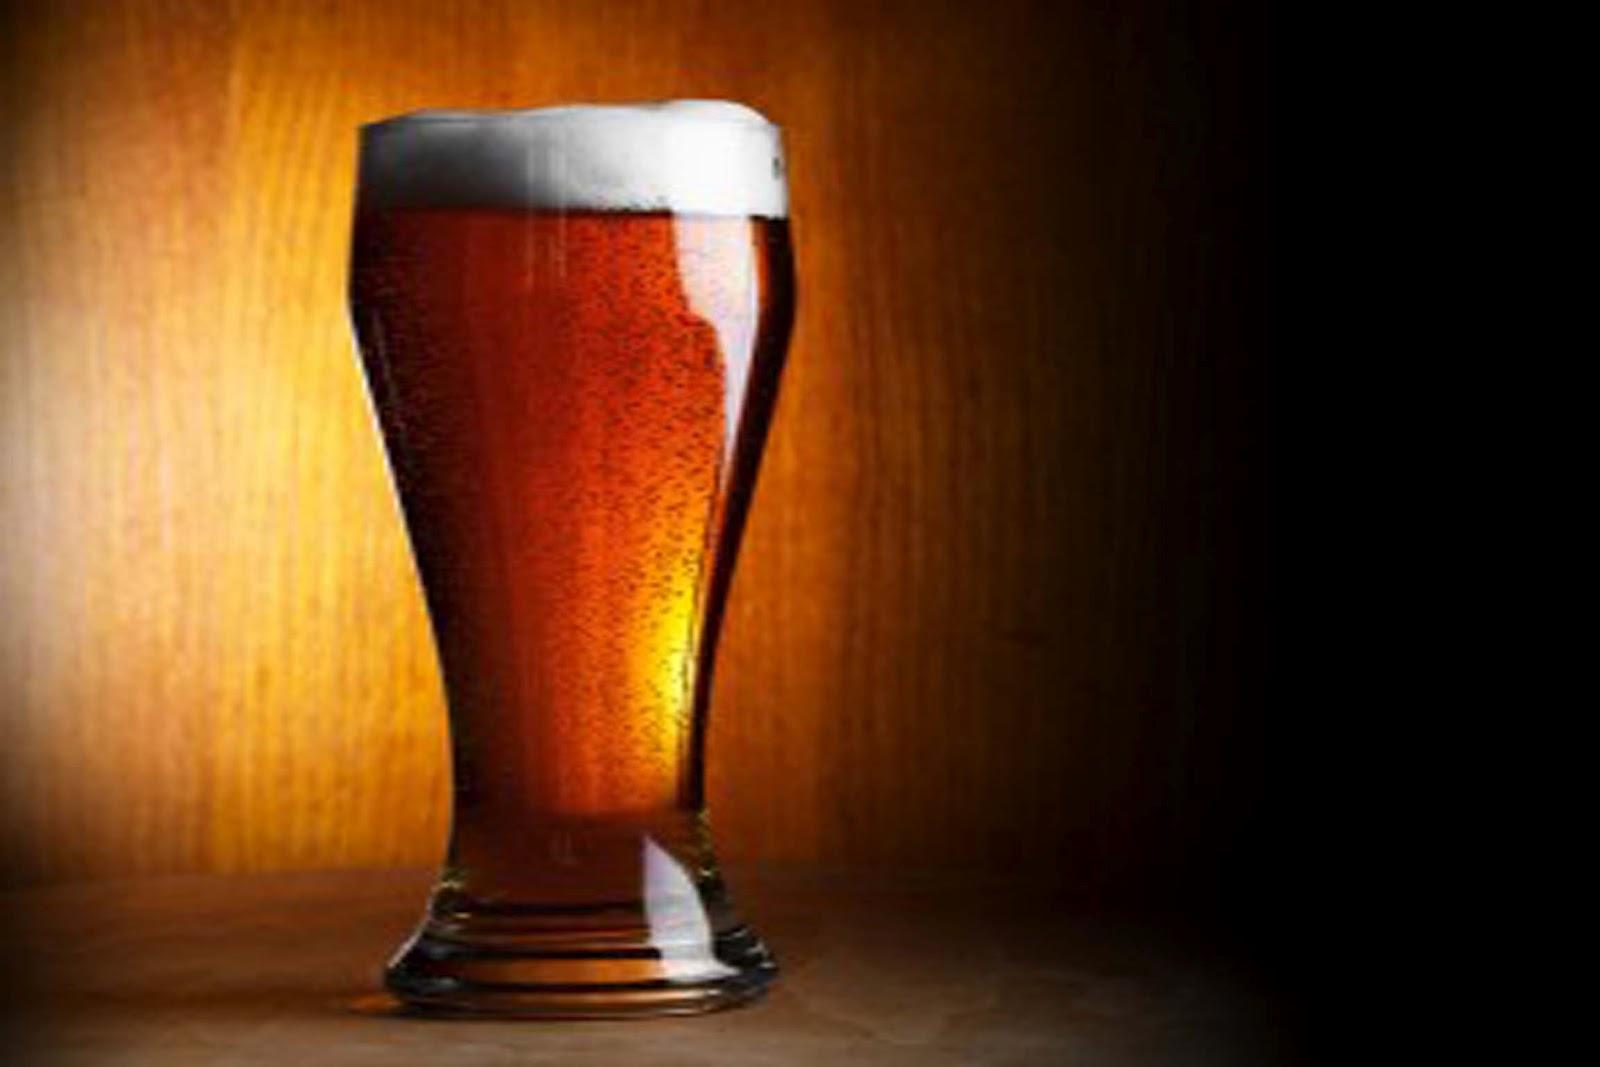 Cultura económica de la cerveza